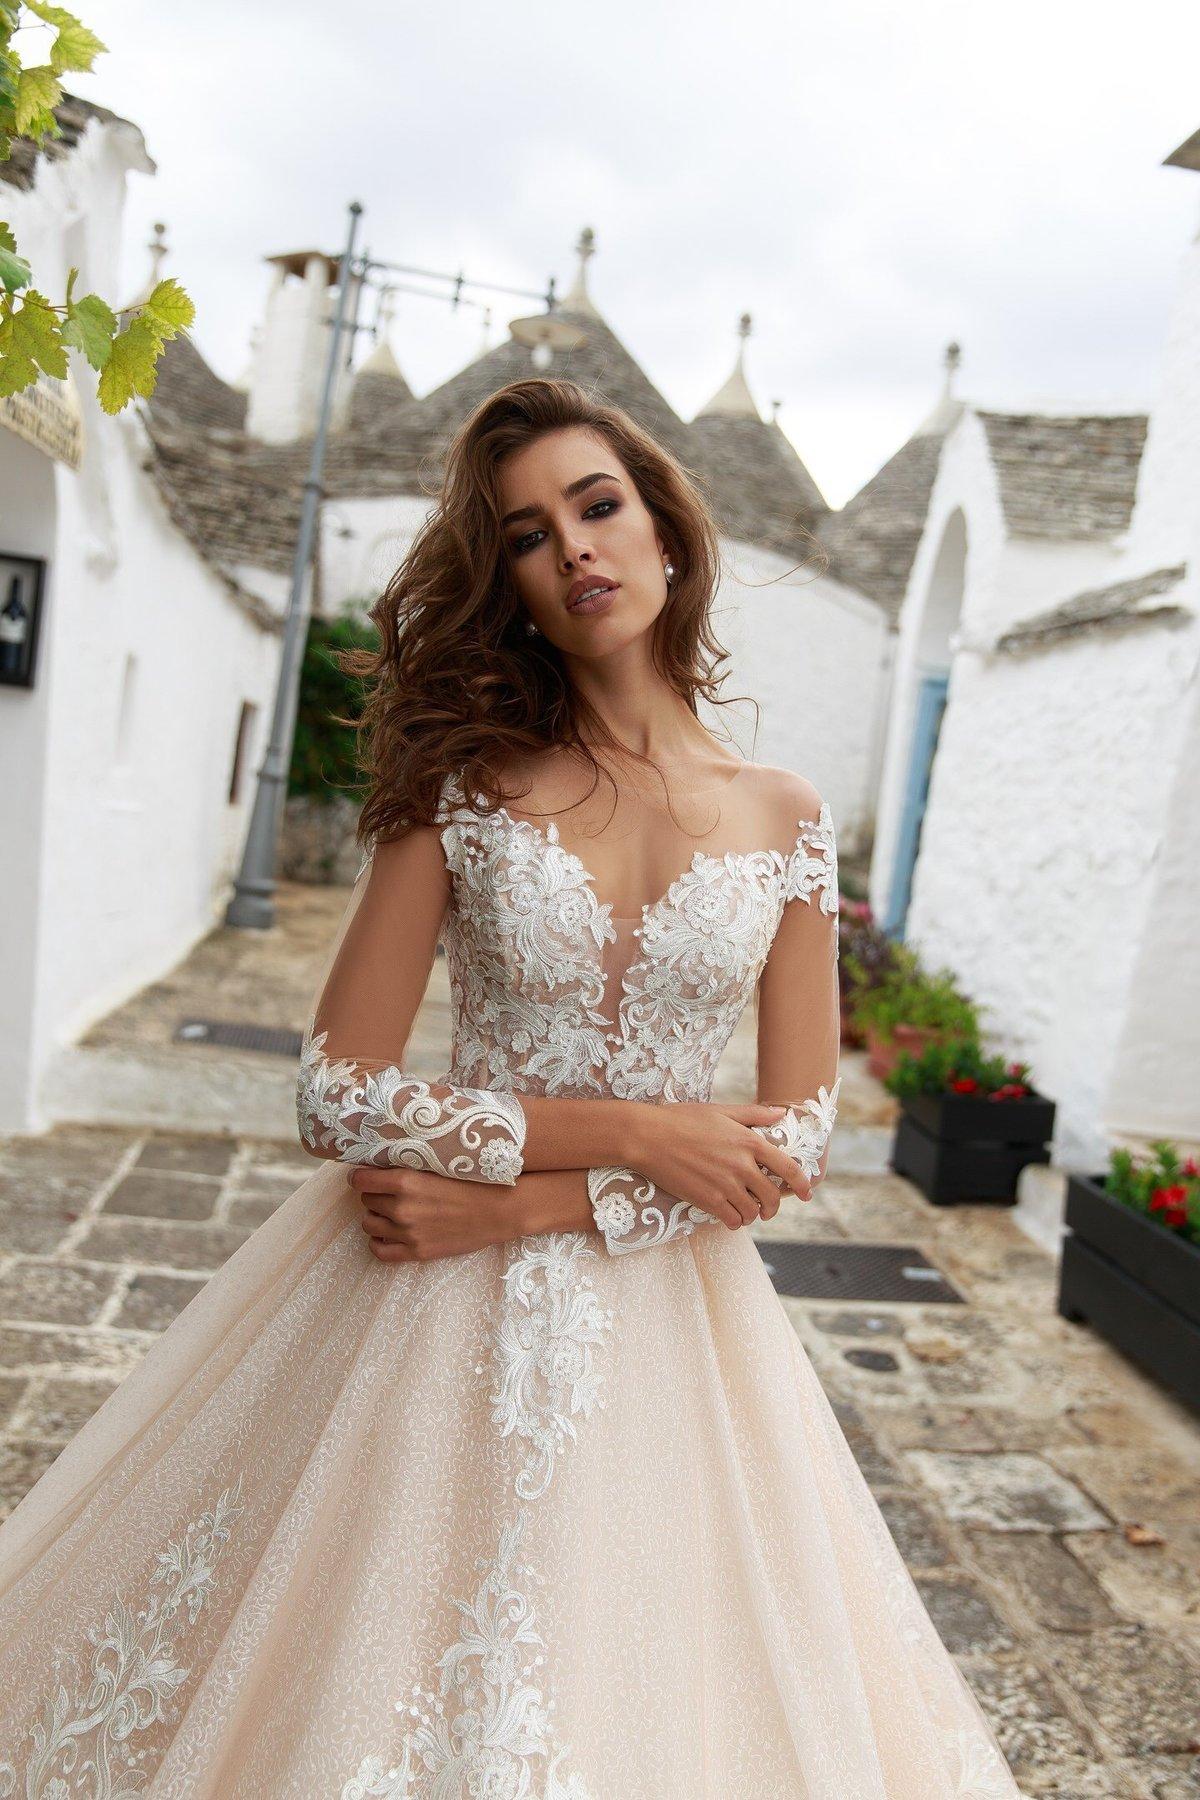 Платья для невесты картинки, свадьбой анимация картинки